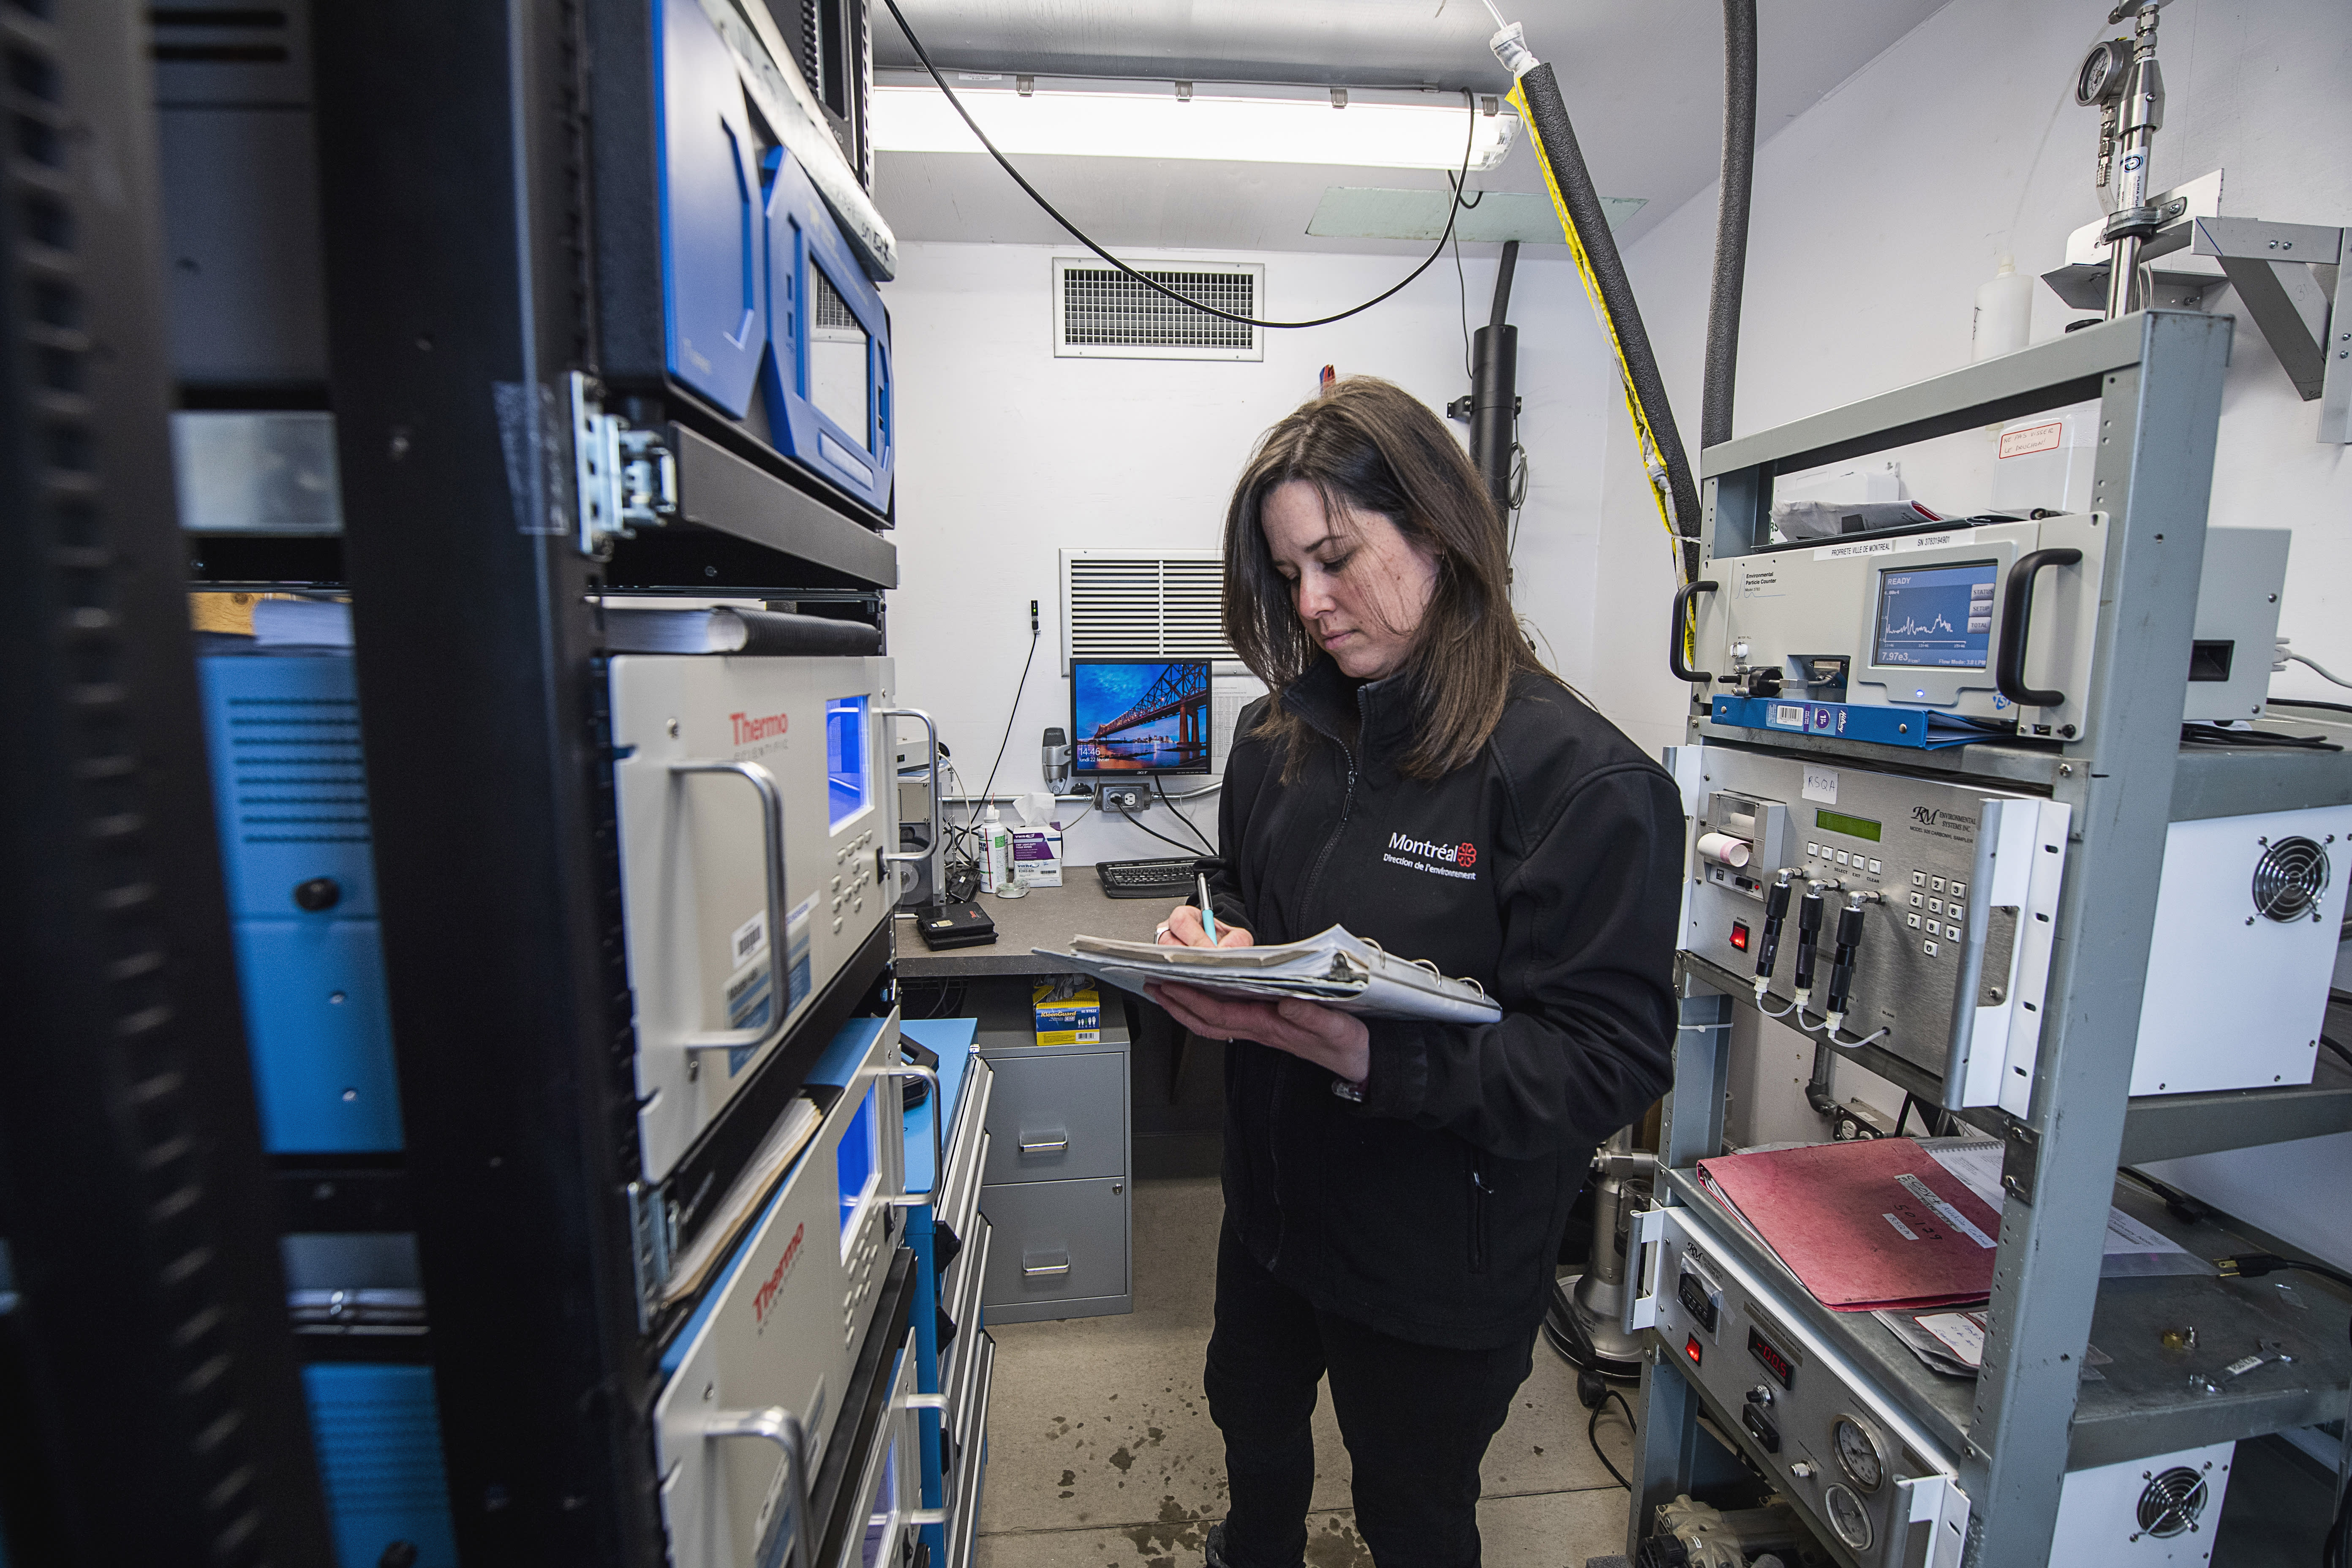 Audrey Giasson au travail à la station de la qualité de l'air de Pointe-aux-Trembles